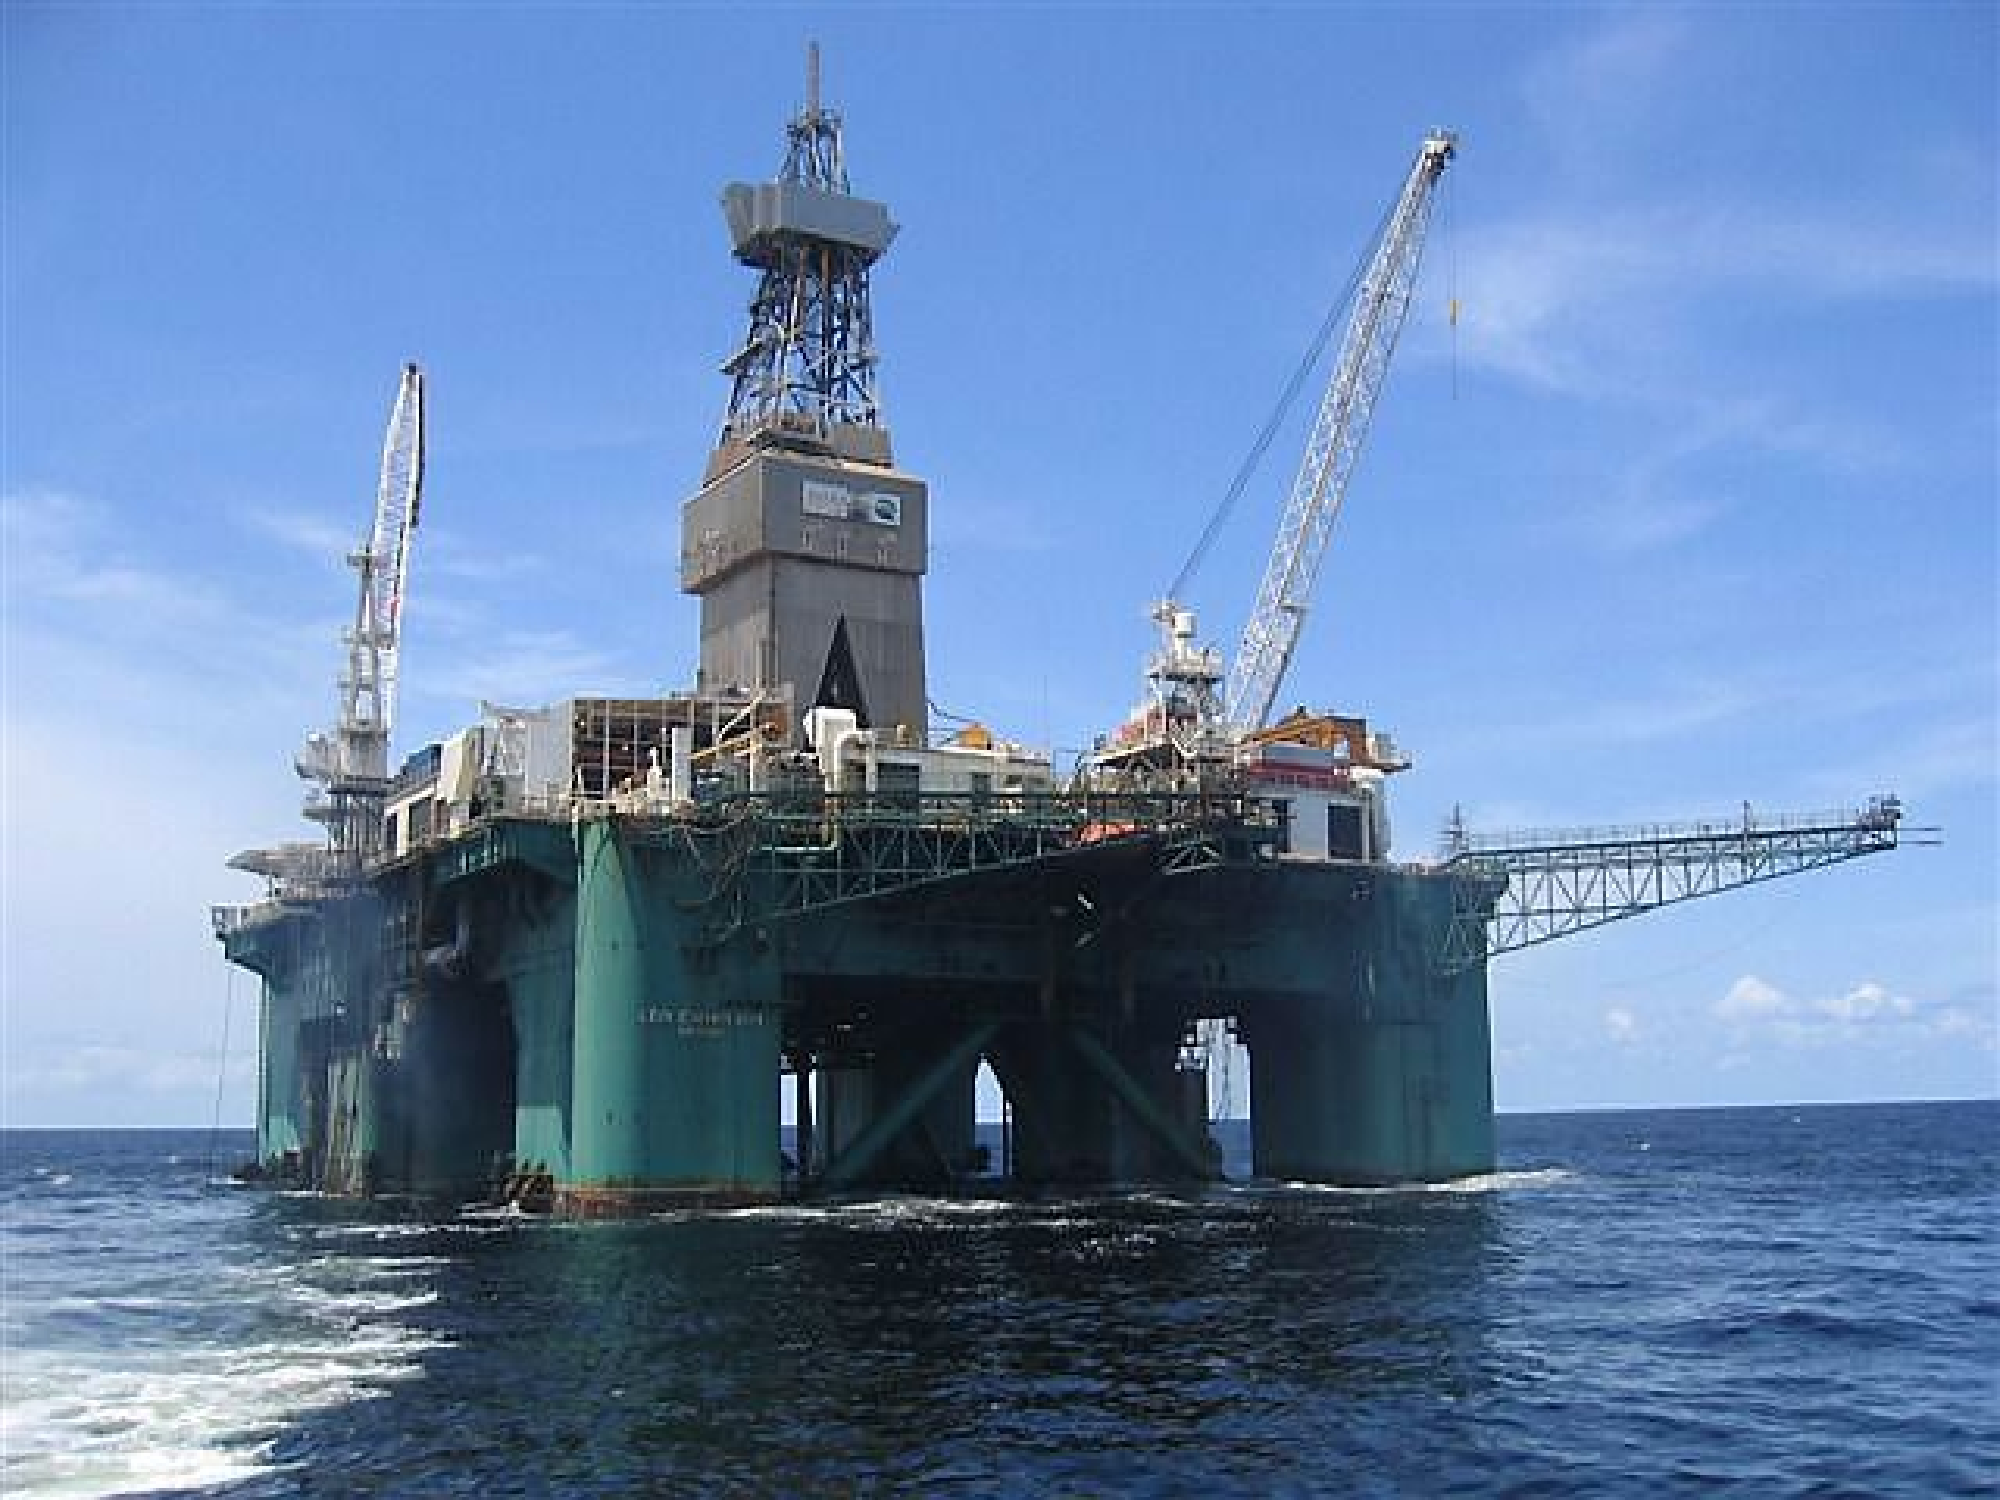 For OMV har avstander og logistikk, spesielt knyttet til beredskap, vært den største utfordringen. Her er riggen Leiv Eriksson som selskapet har brukt til å bore brønner i Hoop-området, 300 kilometer nord for Hammerfest.